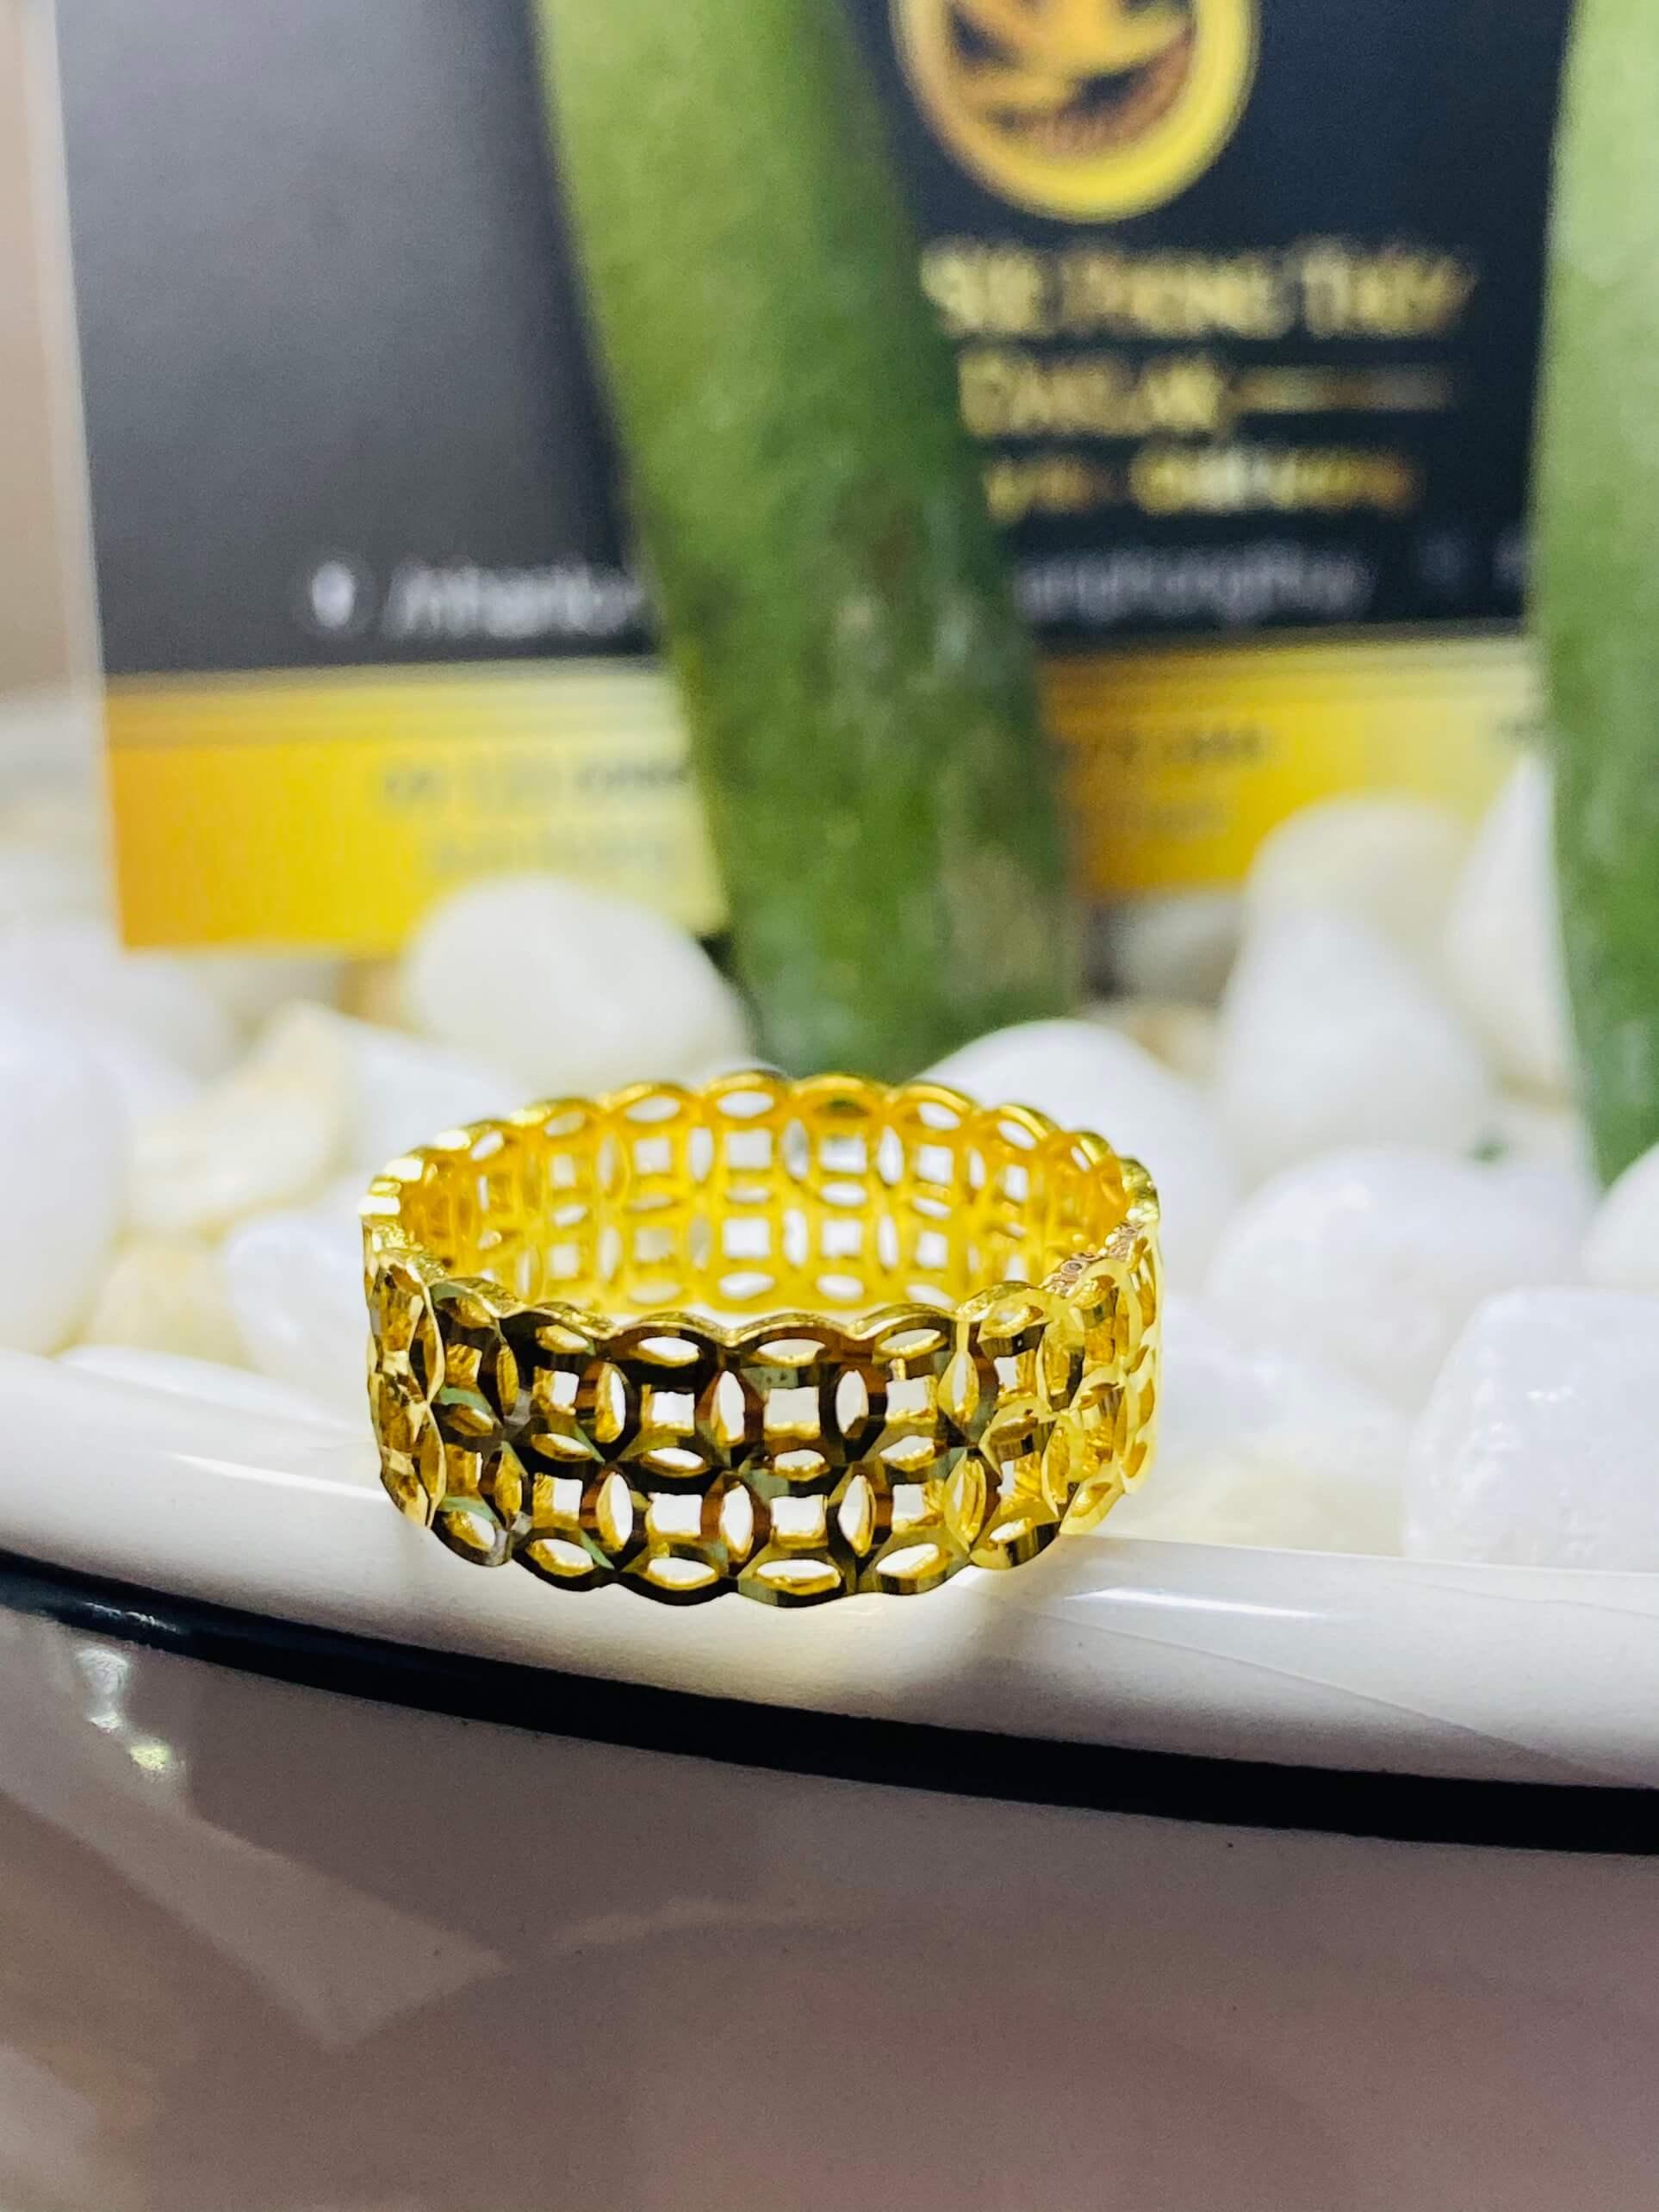 Nhẫn kim tiền kép vàng 18K chuẩn phong thủy đeo ngón giữa